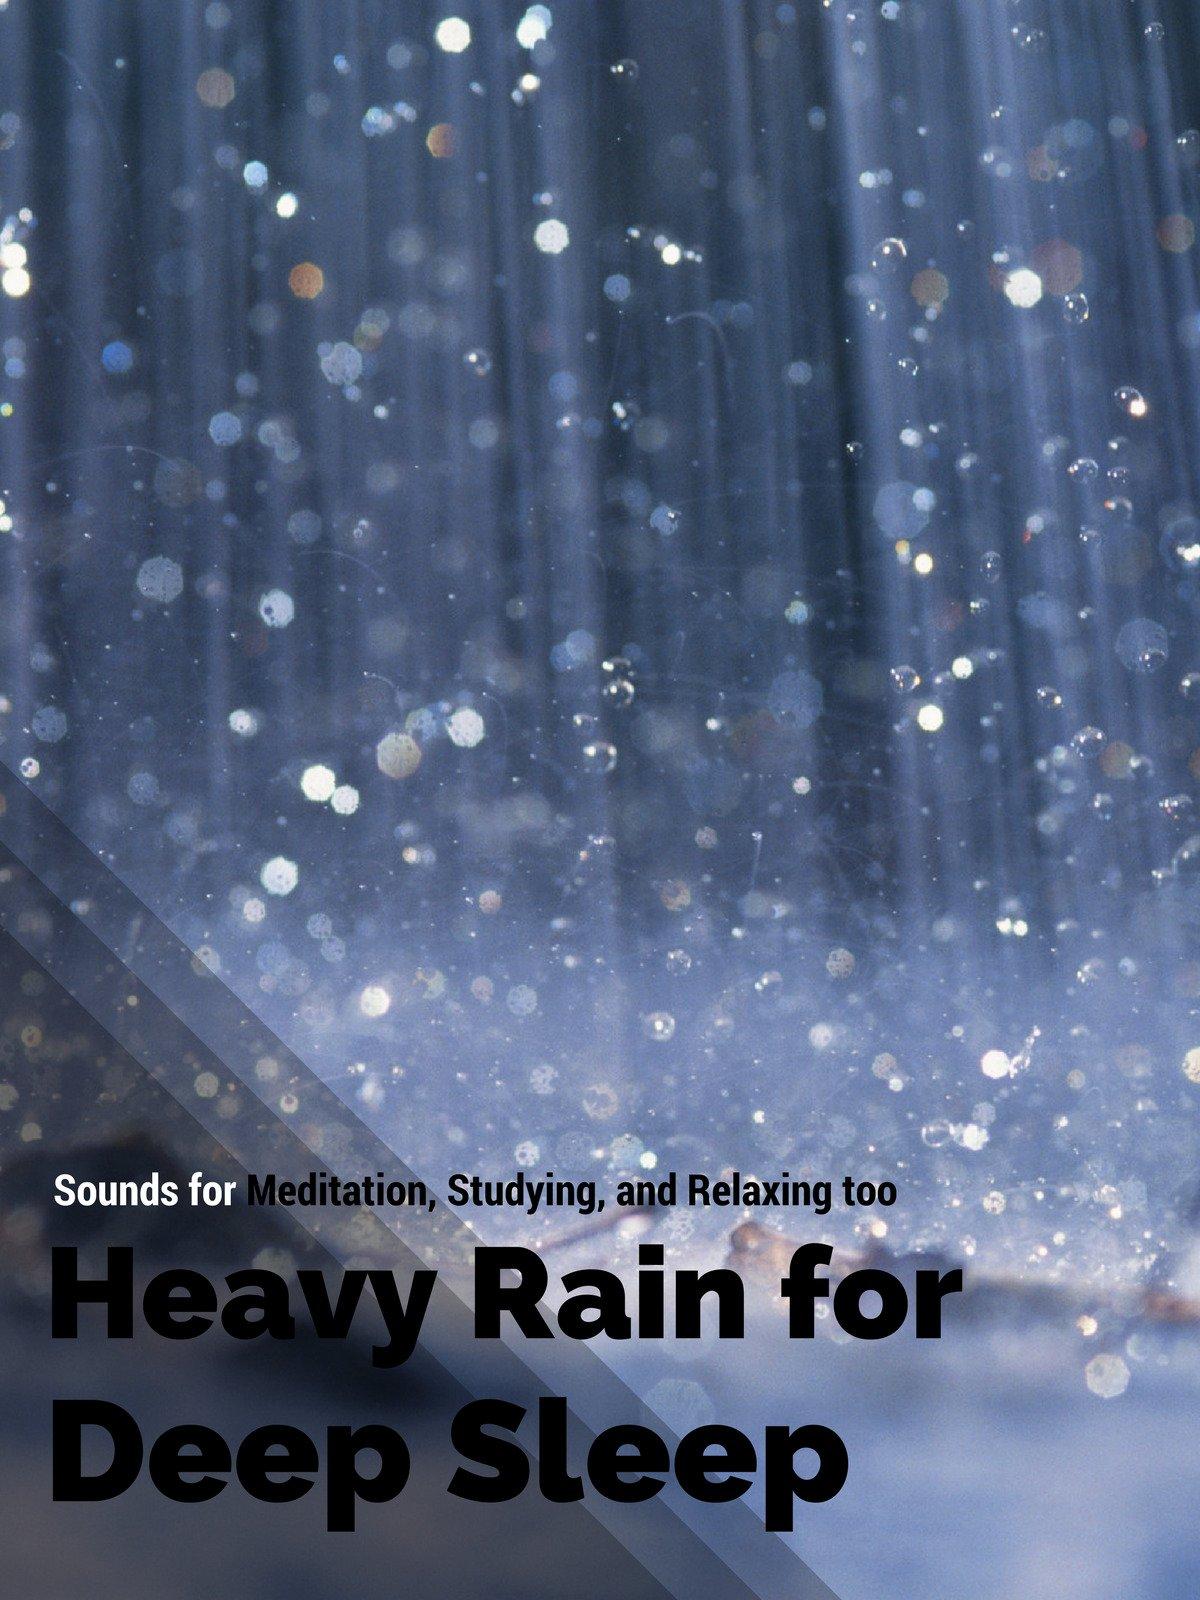 Heavy rain for Deep Sleep